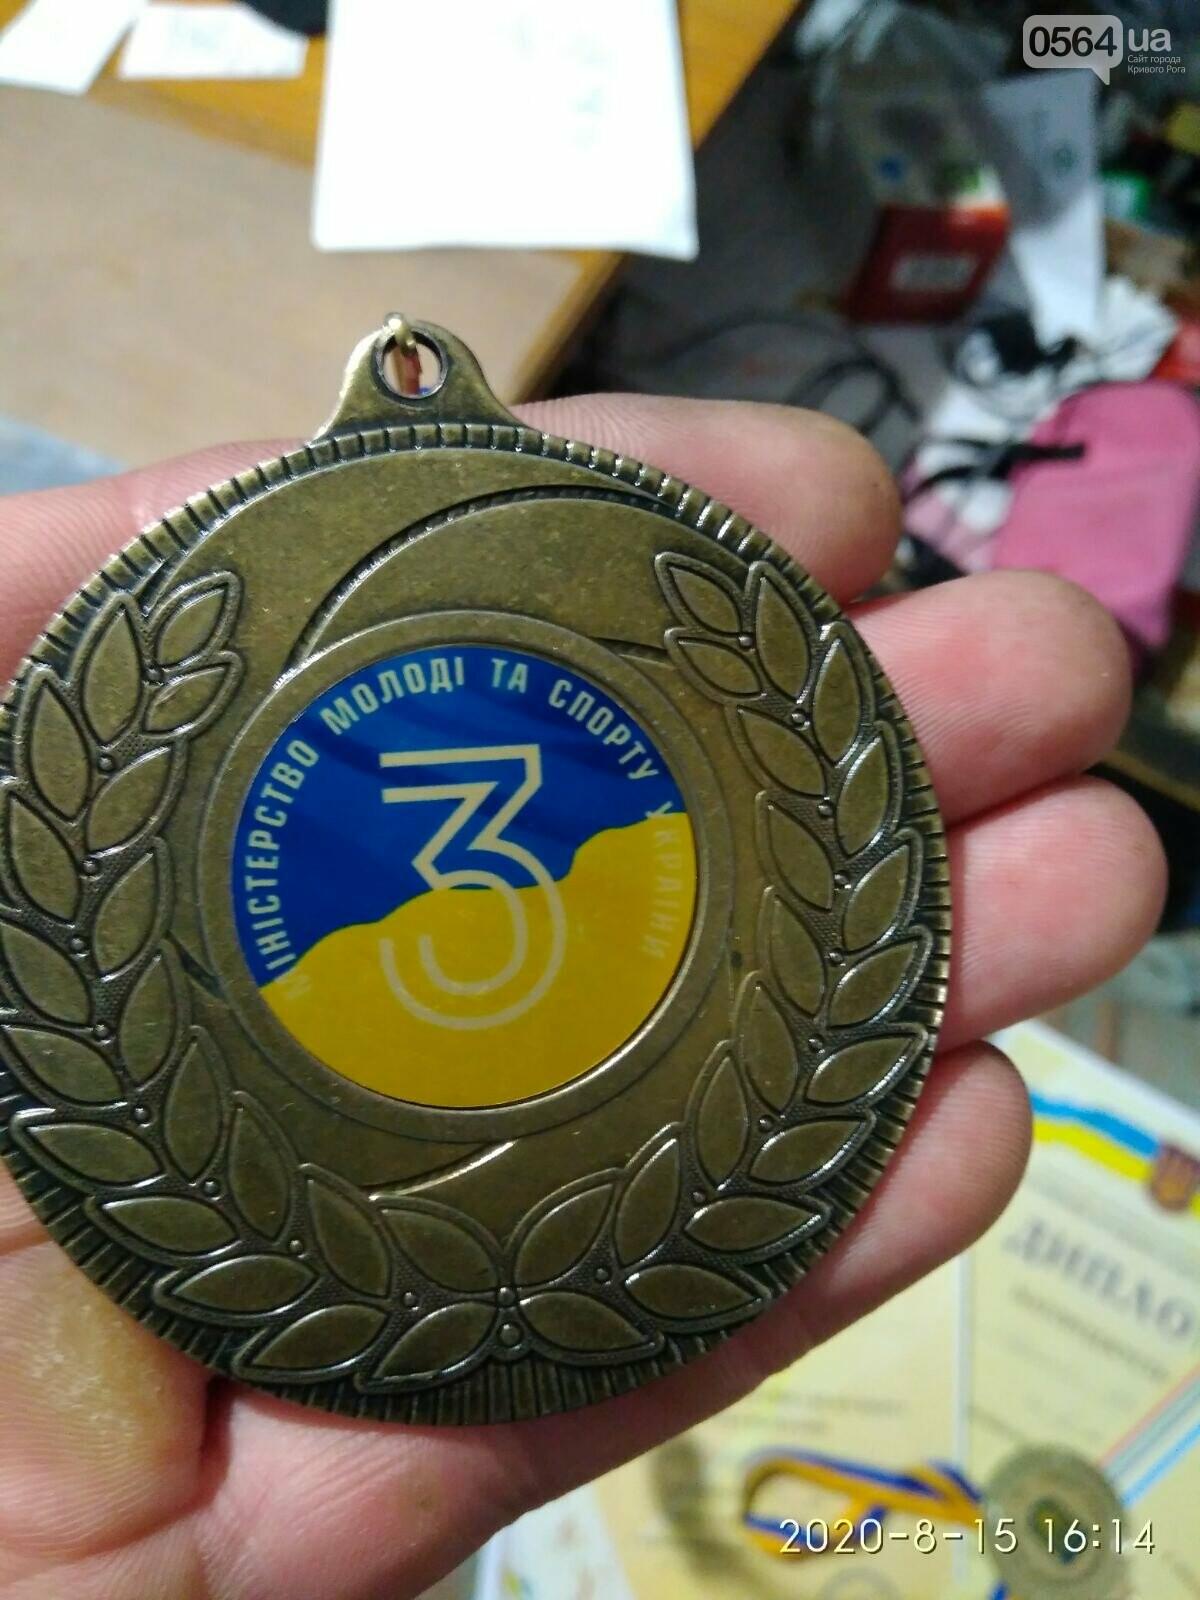 Велогонщики из Кривого Рога стали лучшими на чемпионате Украины среди ветеранов, - ФОТО, фото-10